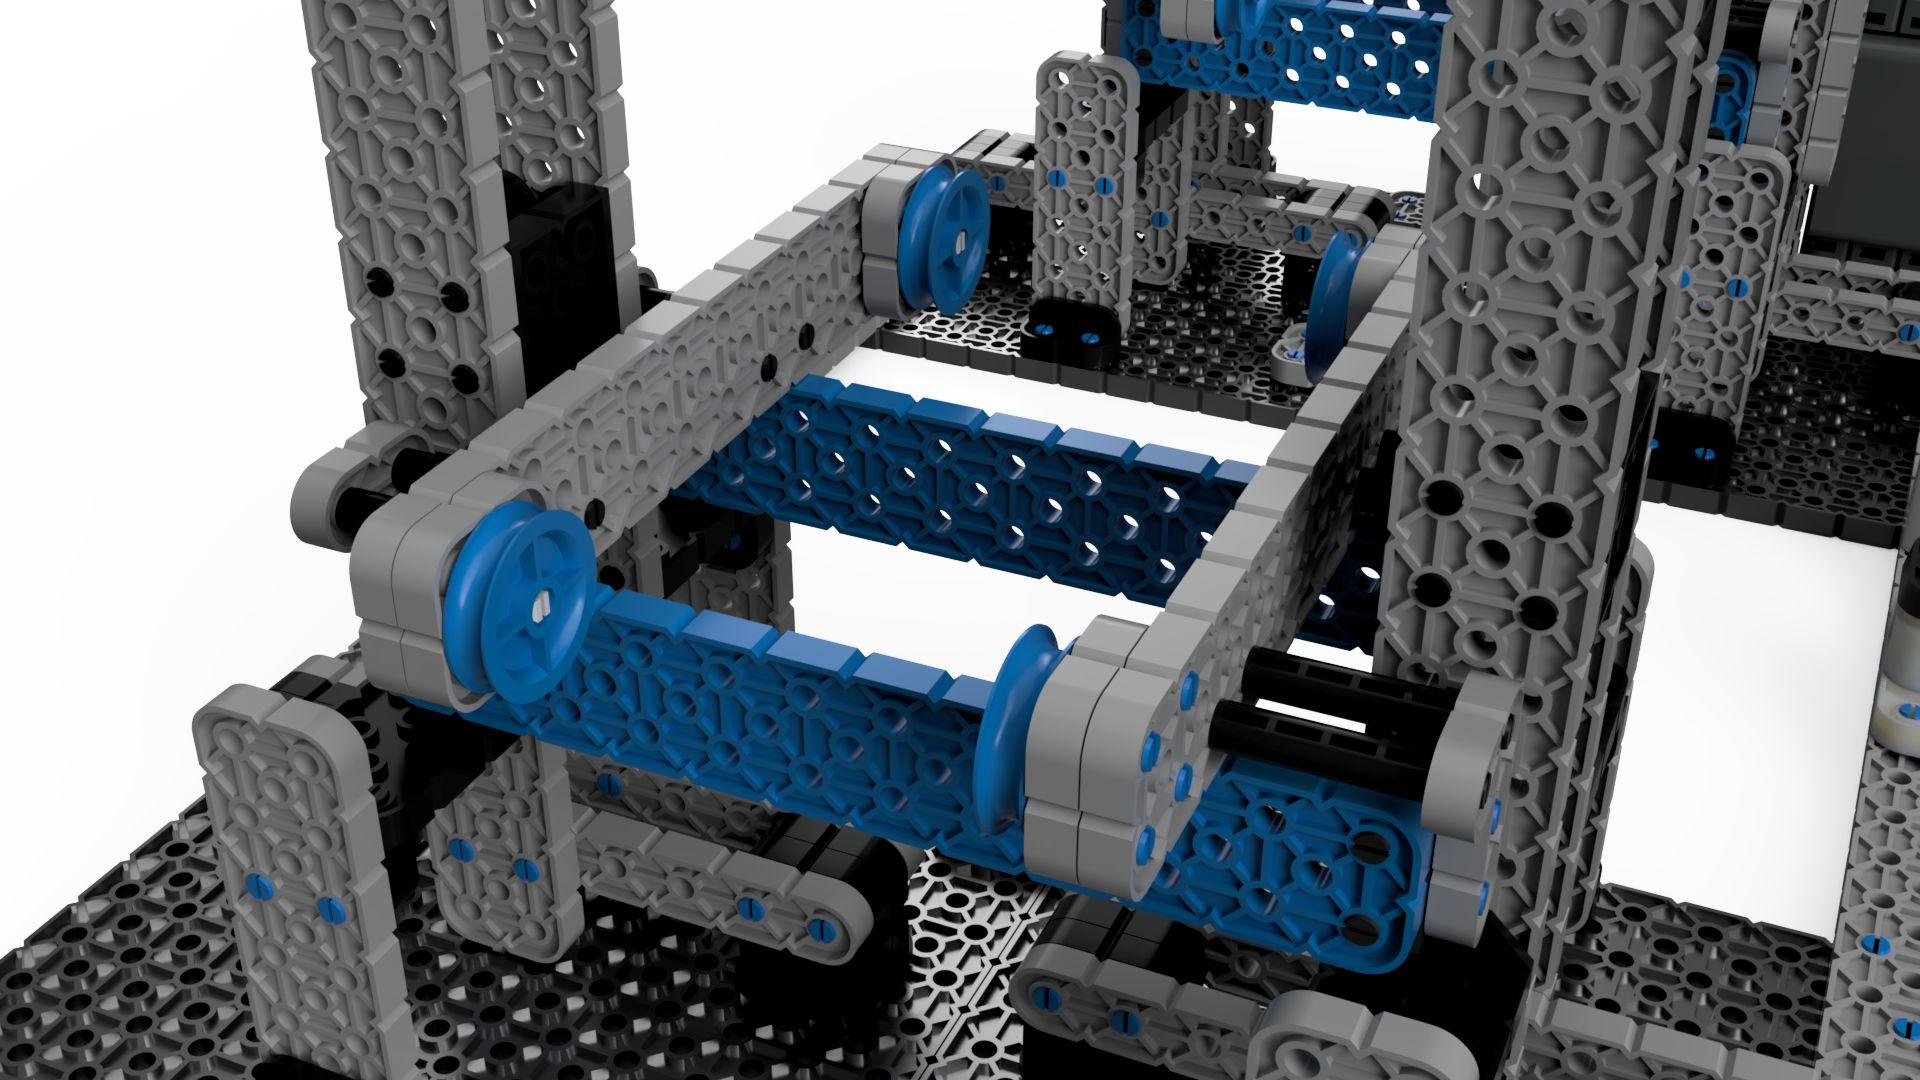 Robot-bobina-fila-2018-jul-03-07-00-27pm-000-customizedview18704937125-3500-3500